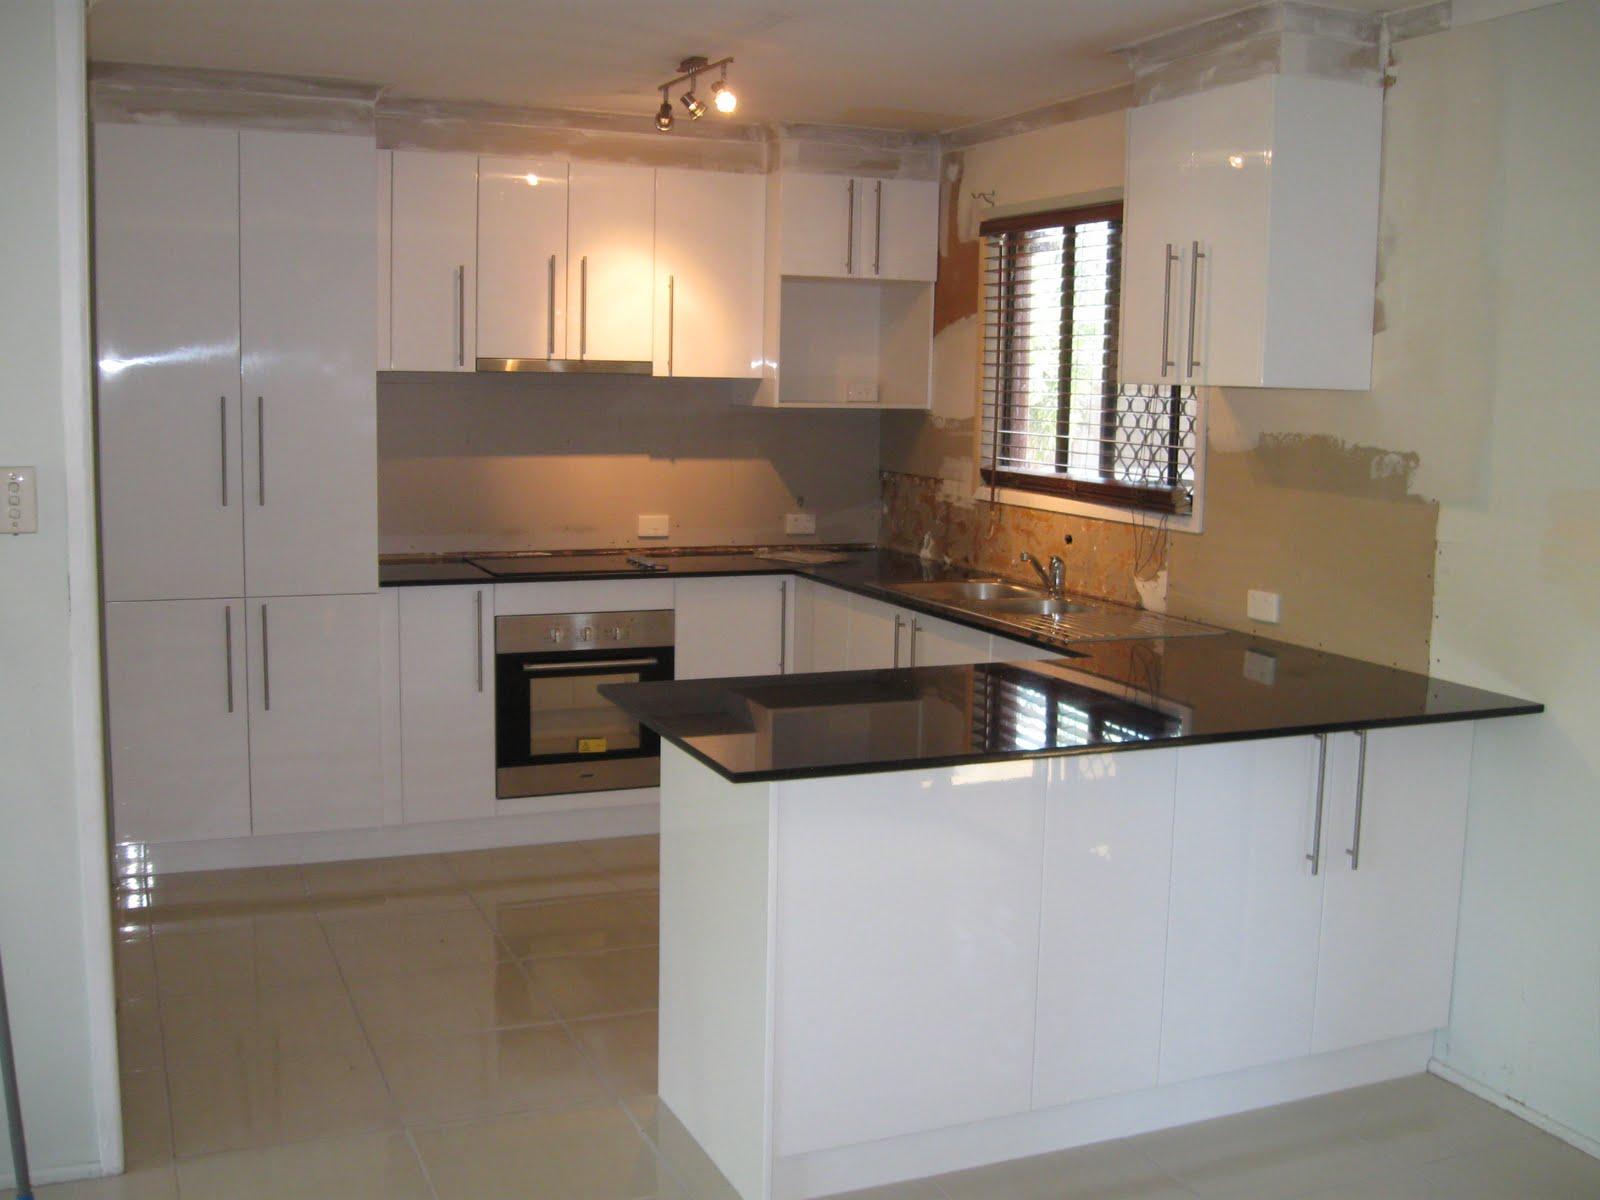 u shaped kitchen ideas photo - 2